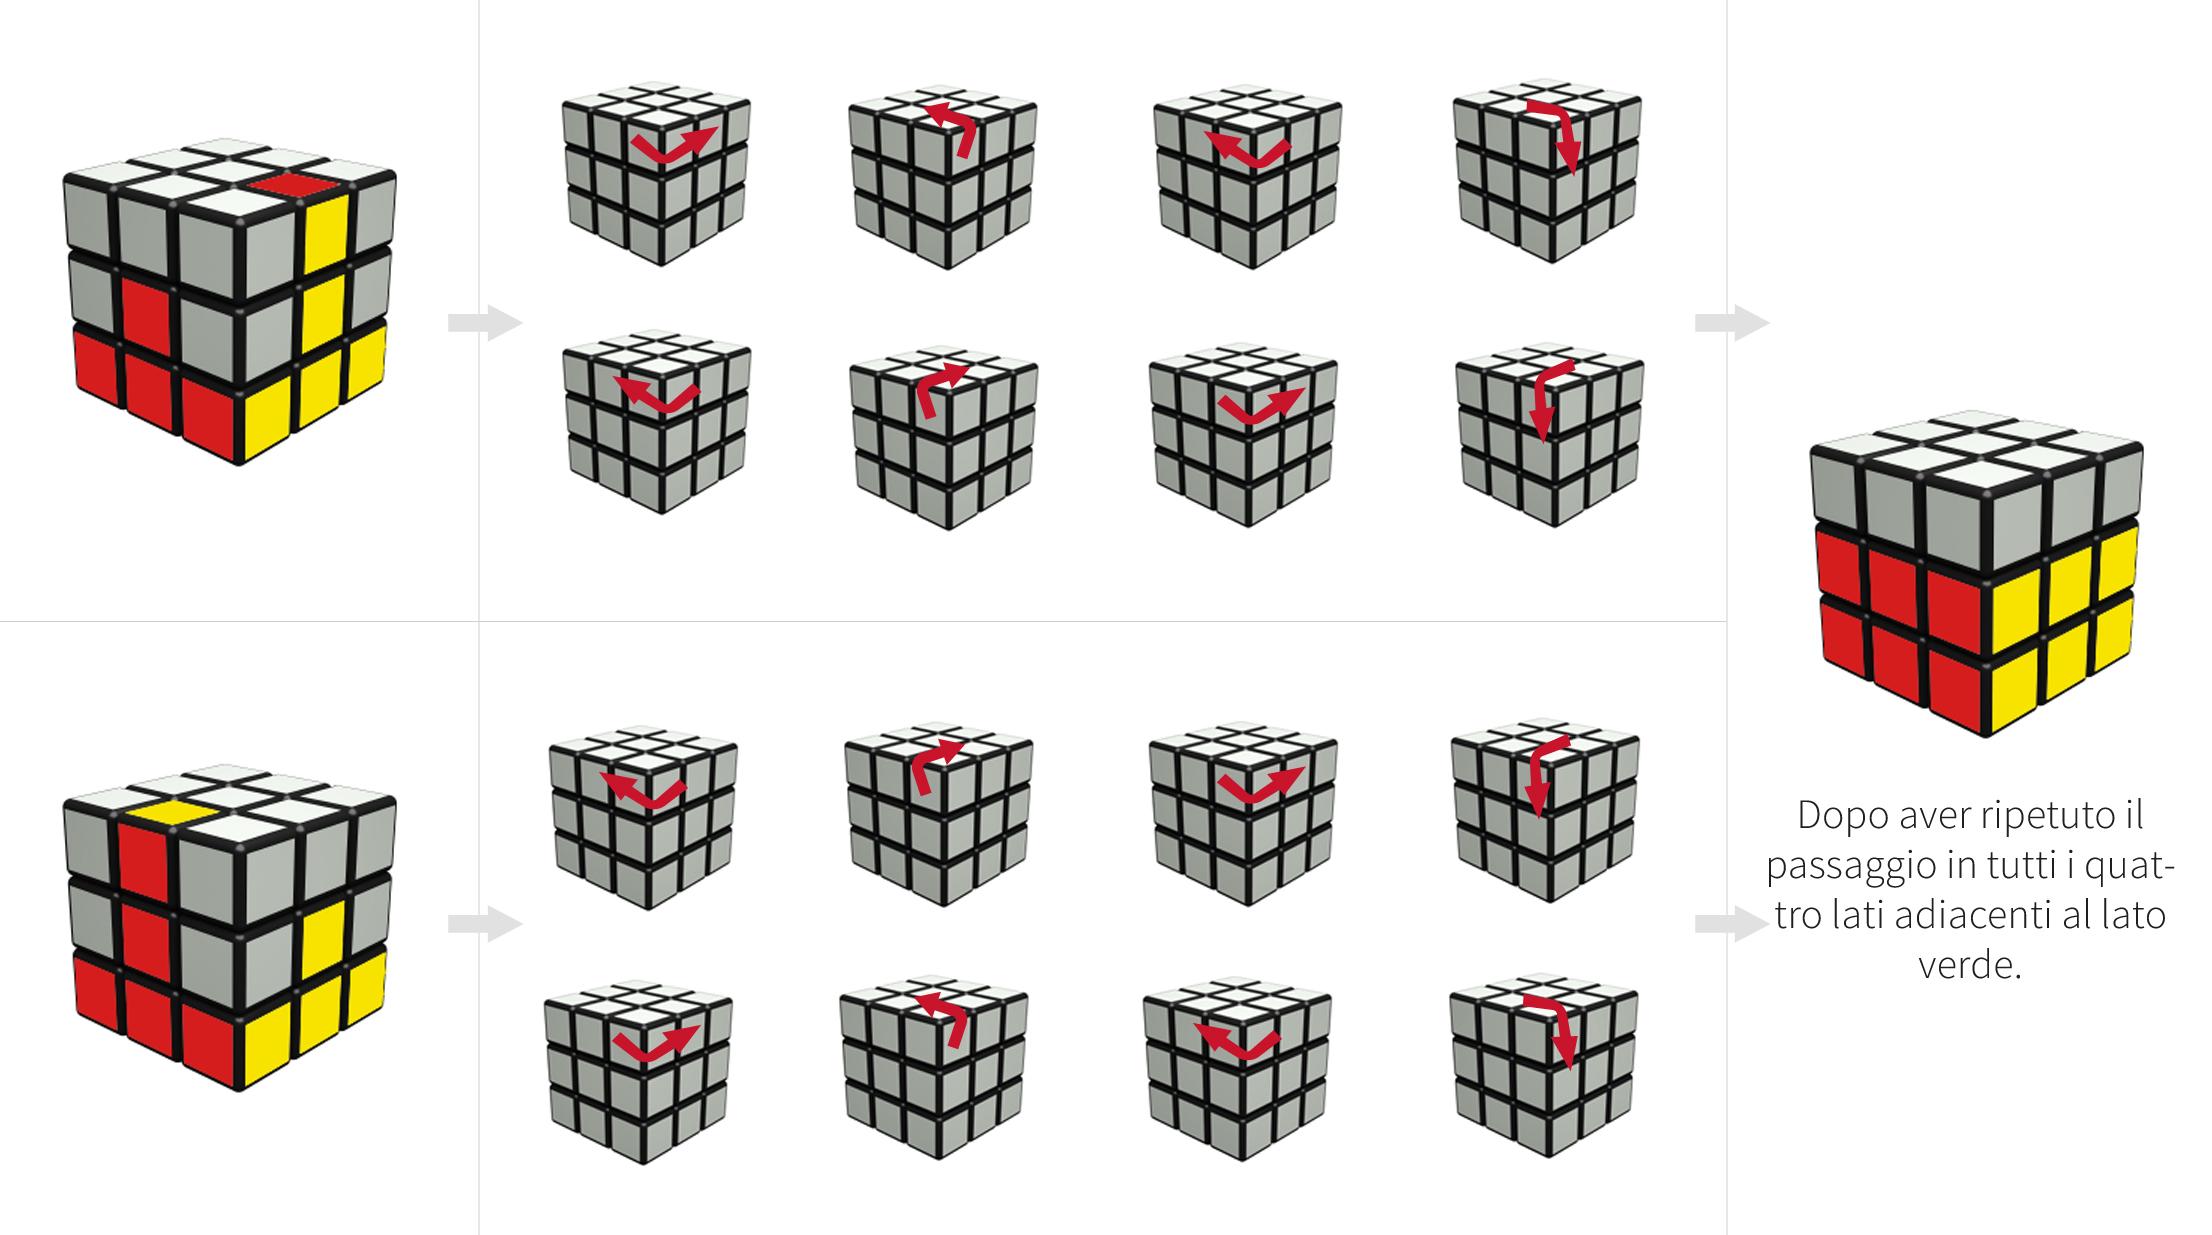 cubo di rubik soluzioni